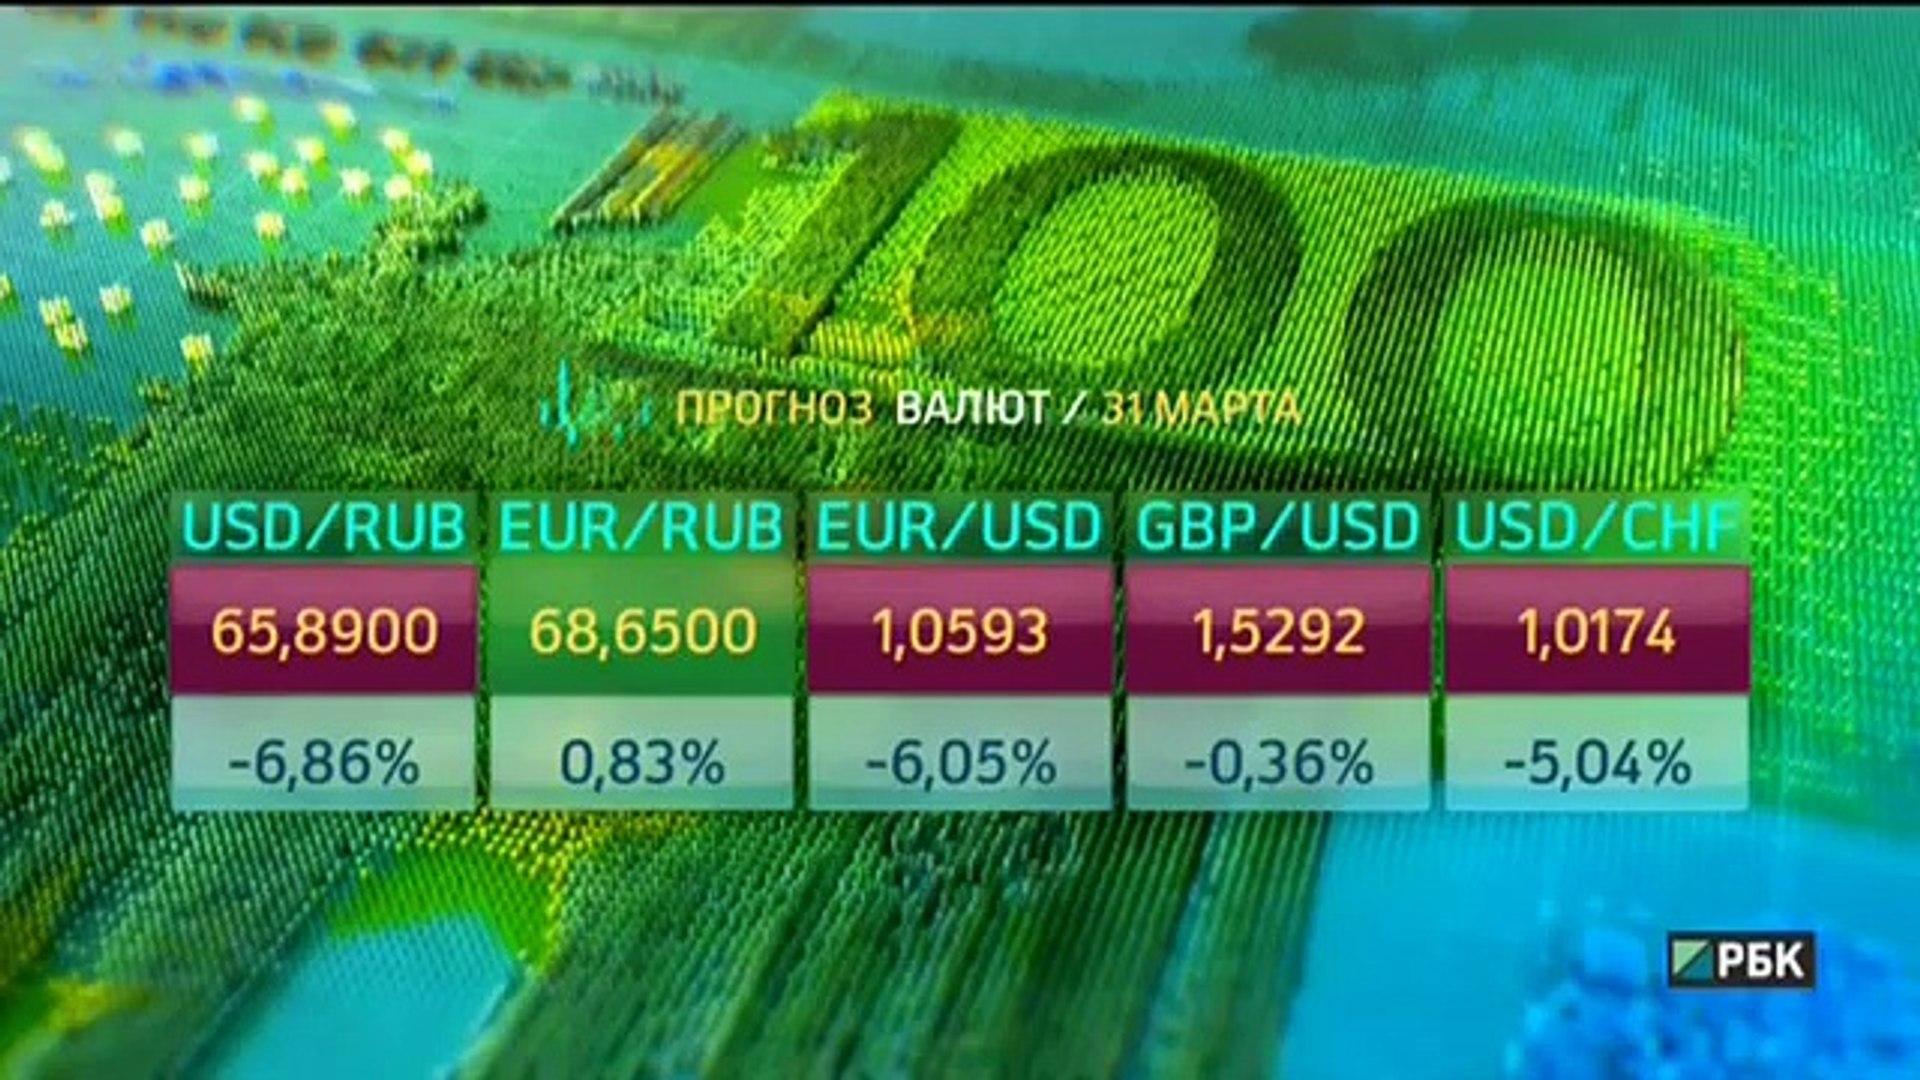 Курс валют, часы и начало новостей (РБК, 09.10.2015)